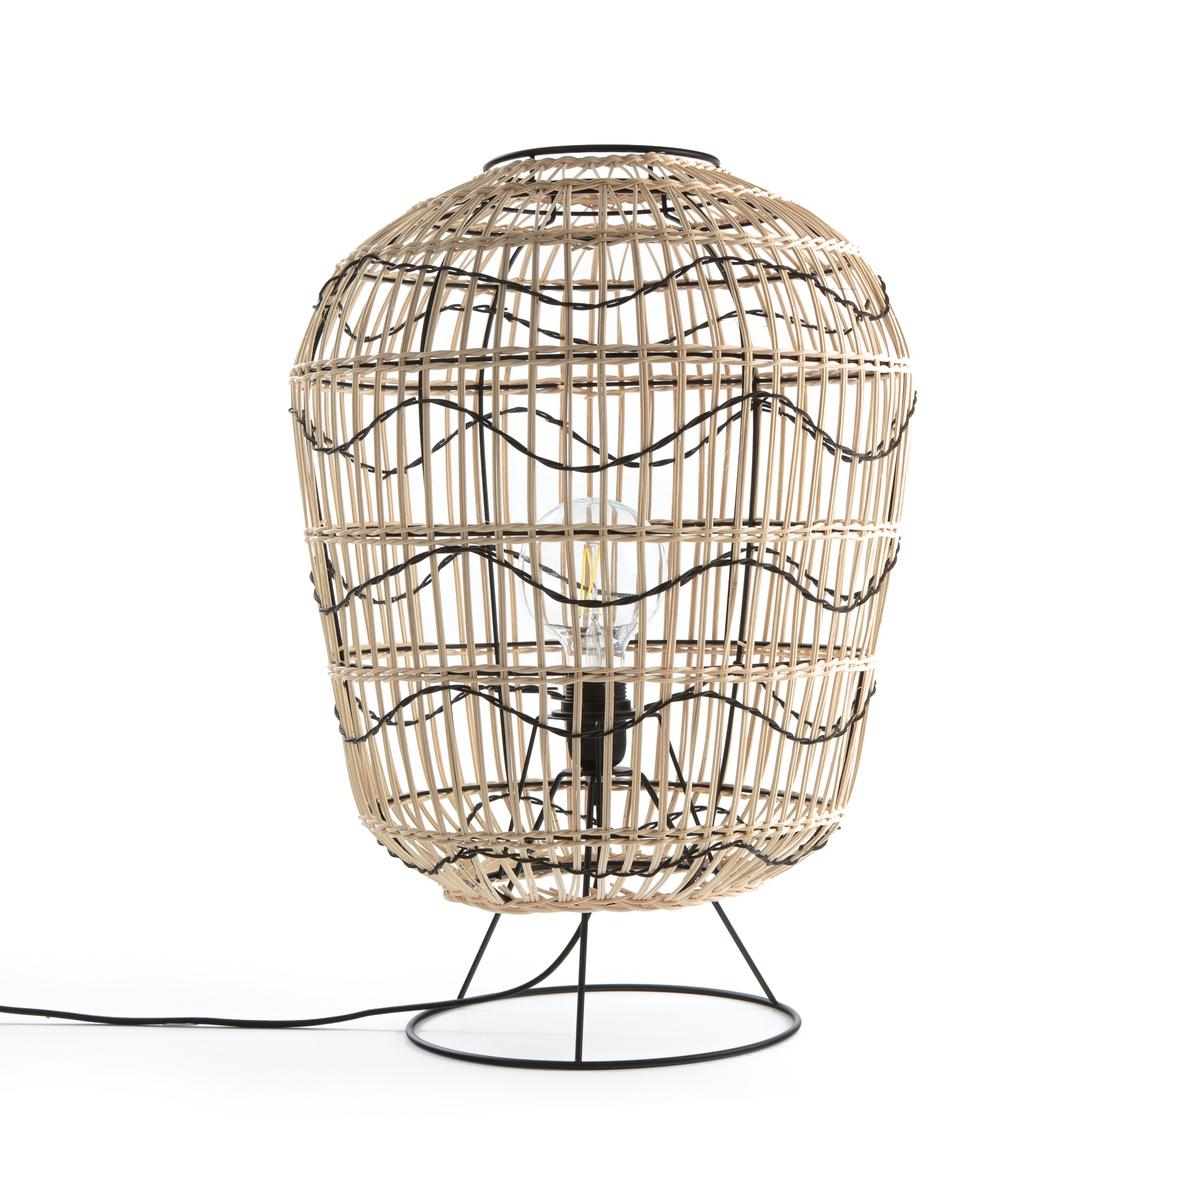 Лампа La Redoute Настольная из металла и ротанга Martaban единый размер бежевый хорошее зрение настольная лампа для обучения защищать глаза